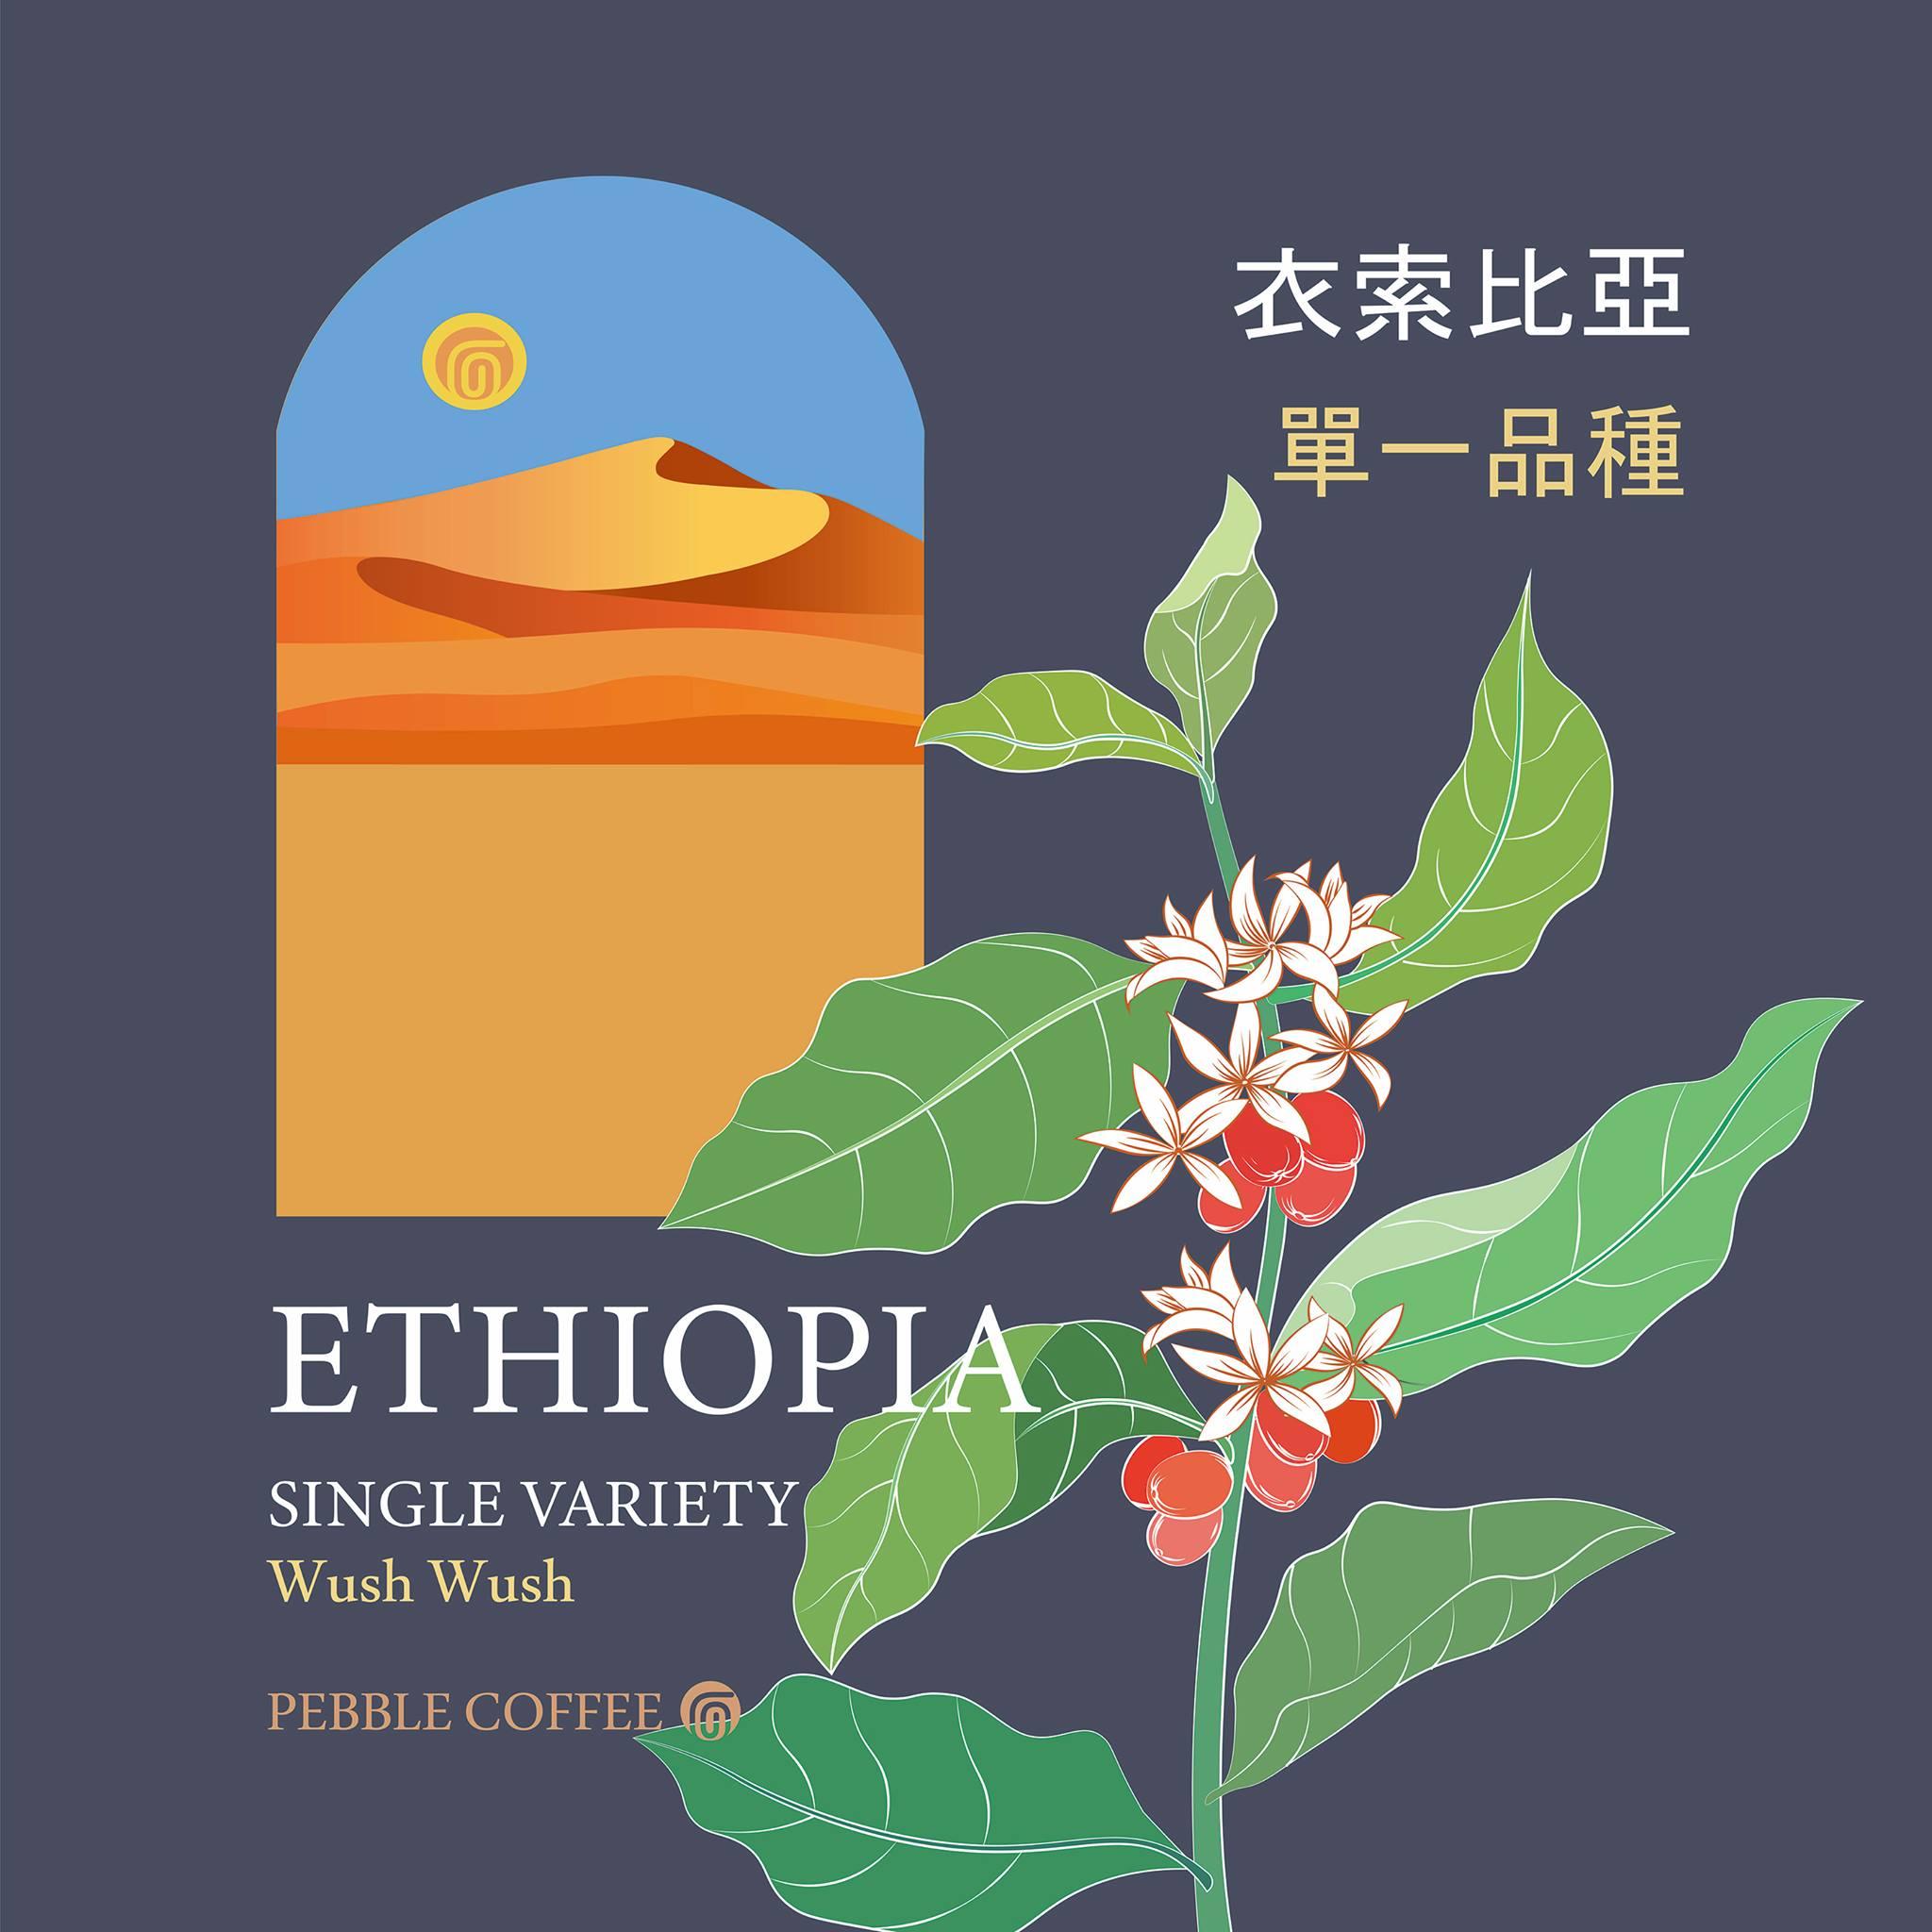 衣索比亞 古吉 厭氧日曬處理 單一品種 WUSH WUSH G1 20/03批次 三次手挑 李董咖啡